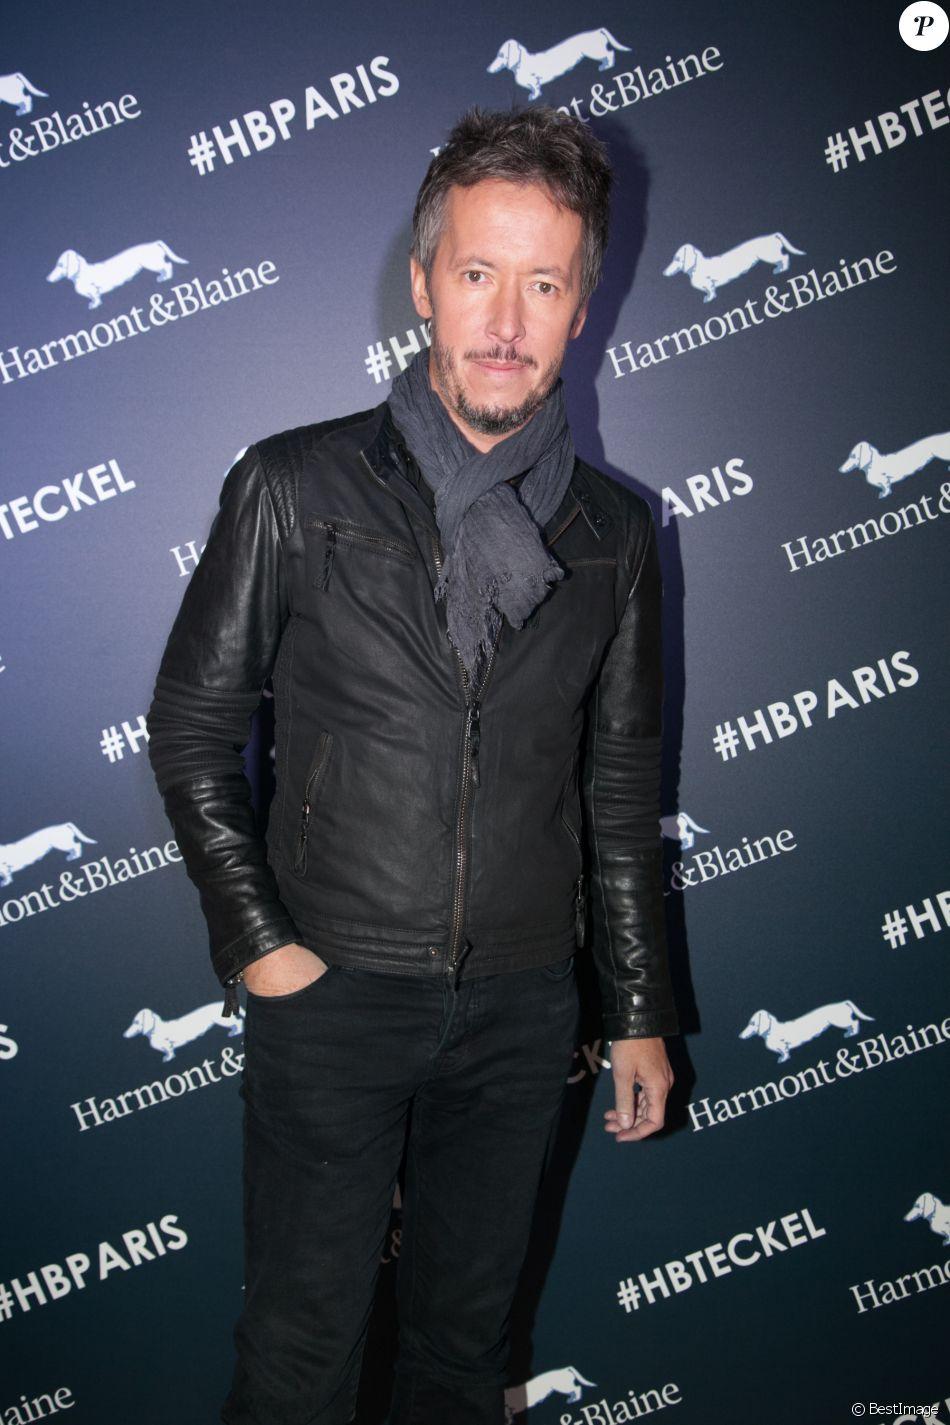 Exclusif - Jean-Luc Lemoine - Inauguration de la boutique Harmont & Blaine à Paris, le 13 octobre.